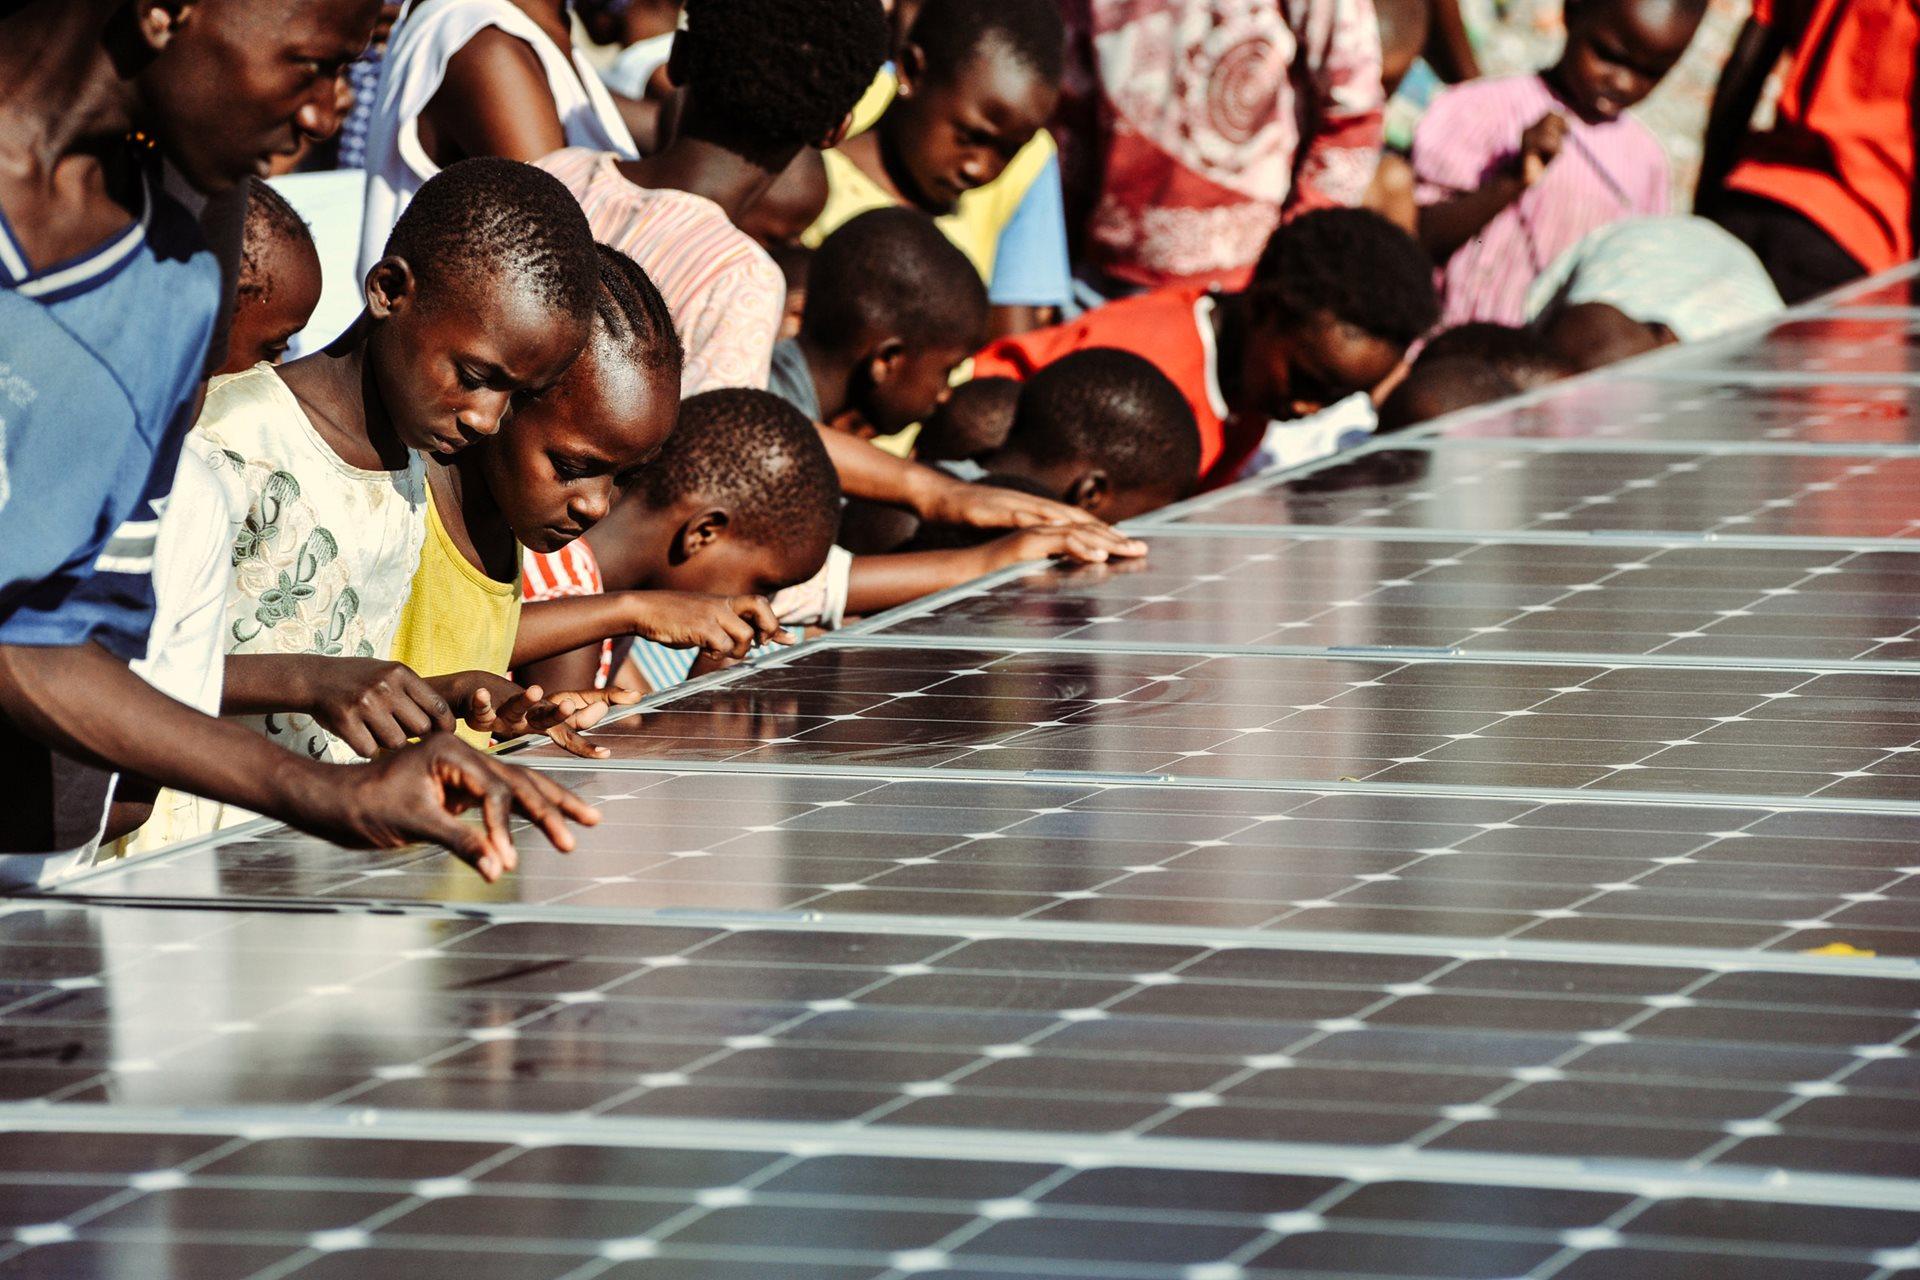 Respect de l'environnement, fiabilité et rentabilité à long terme: installation de panneaux photovoltaïques dans le village d'enfants SOS de Mombasa au Kenya.